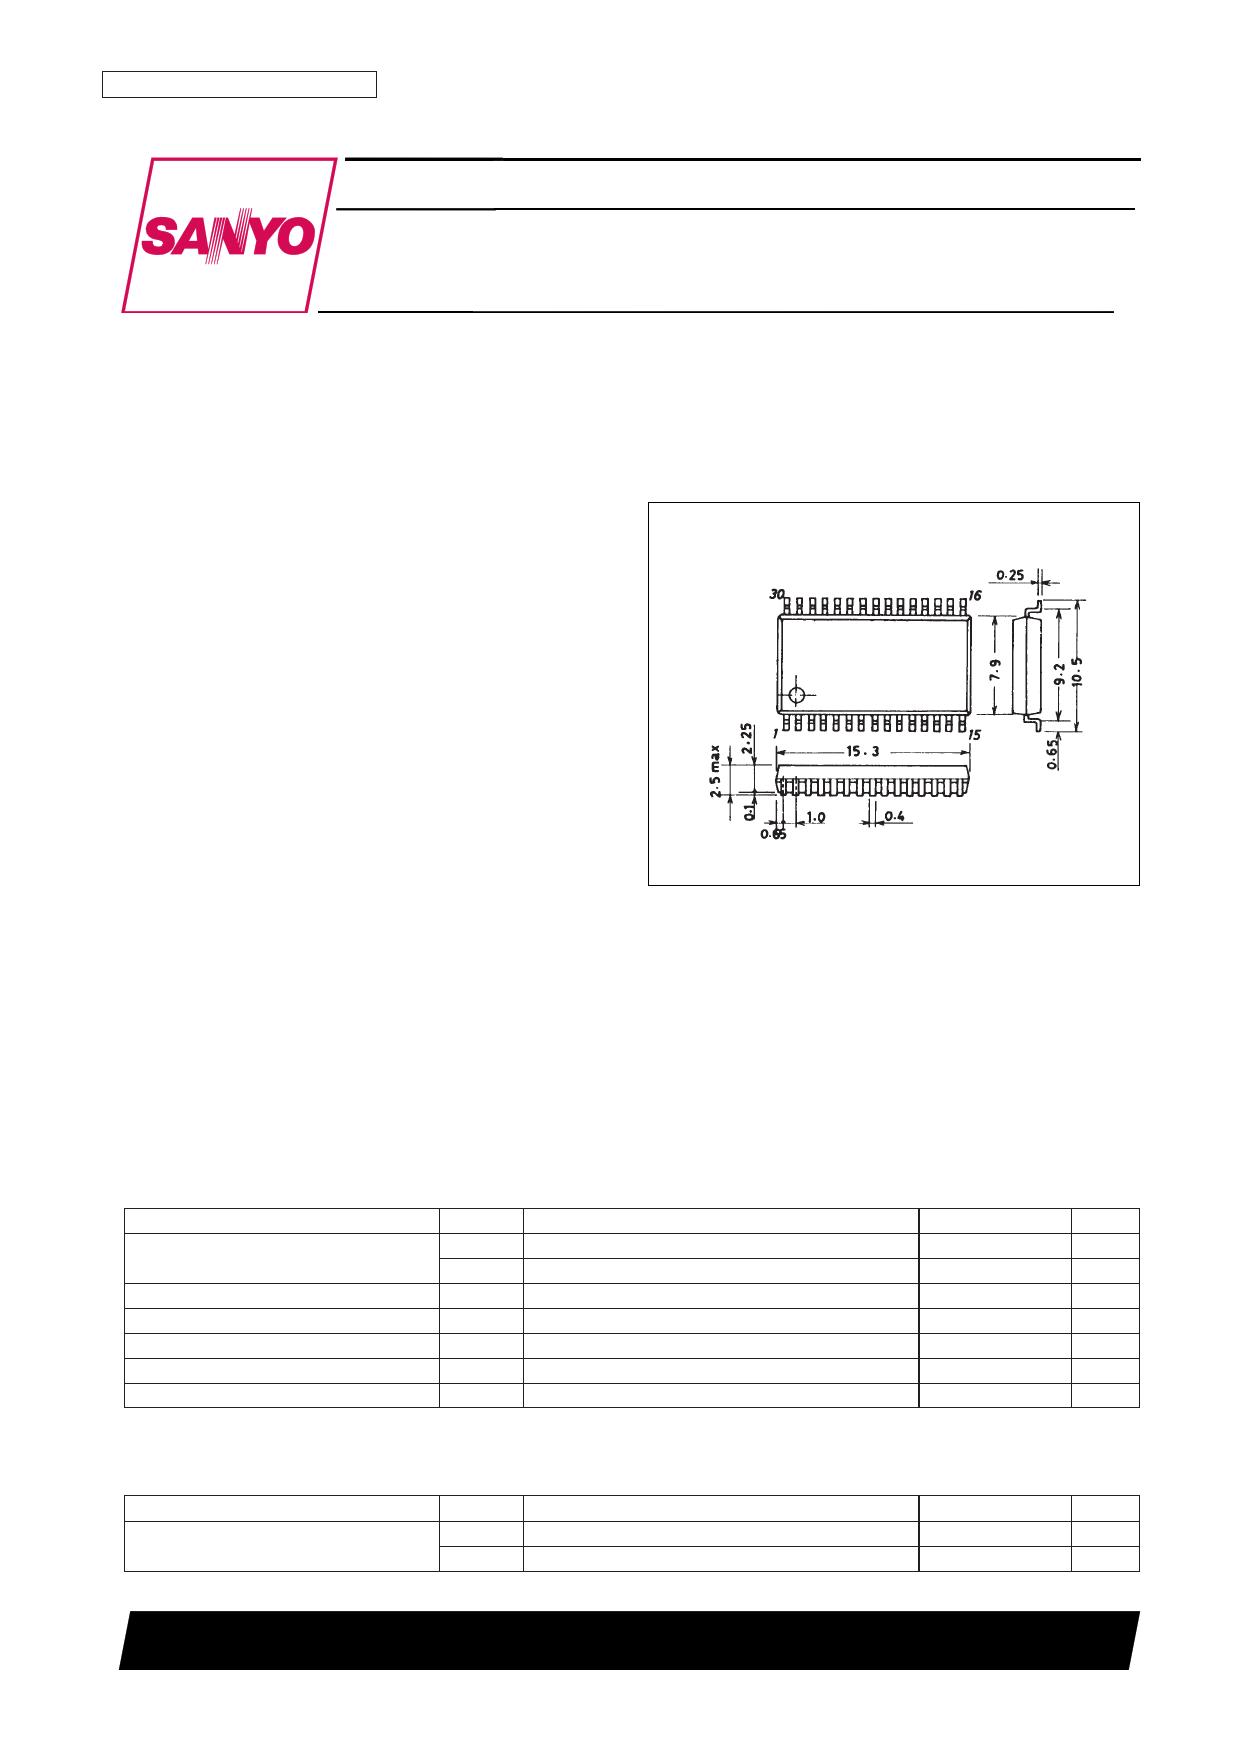 LB1854M datasheet